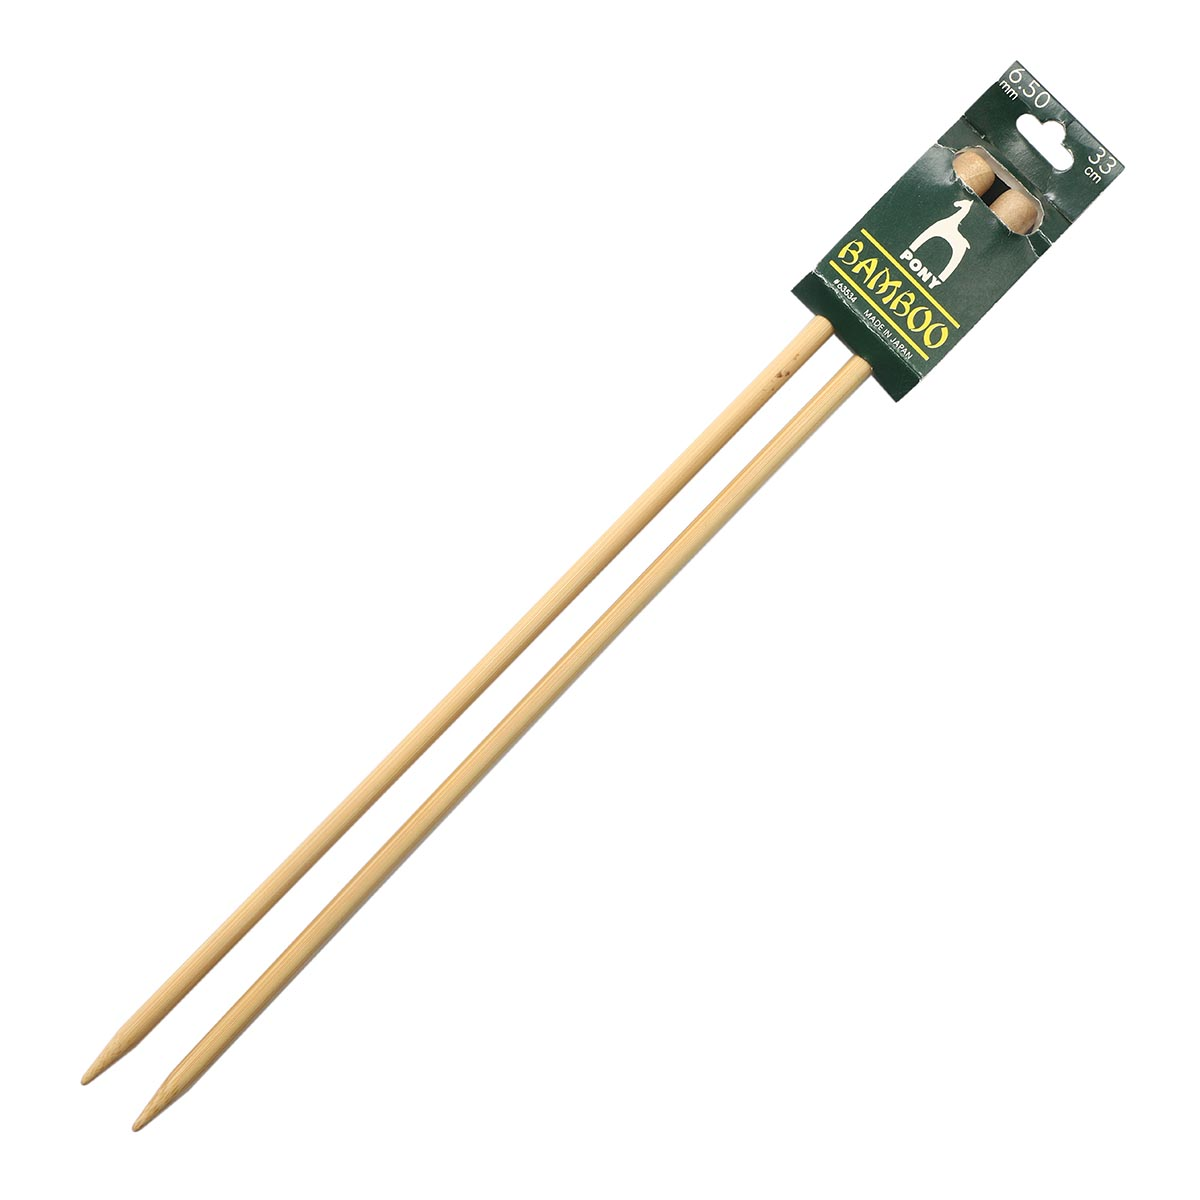 63534 Спицы вязальные прямые 6,50мм*33см, бамбук, 2шт PONY